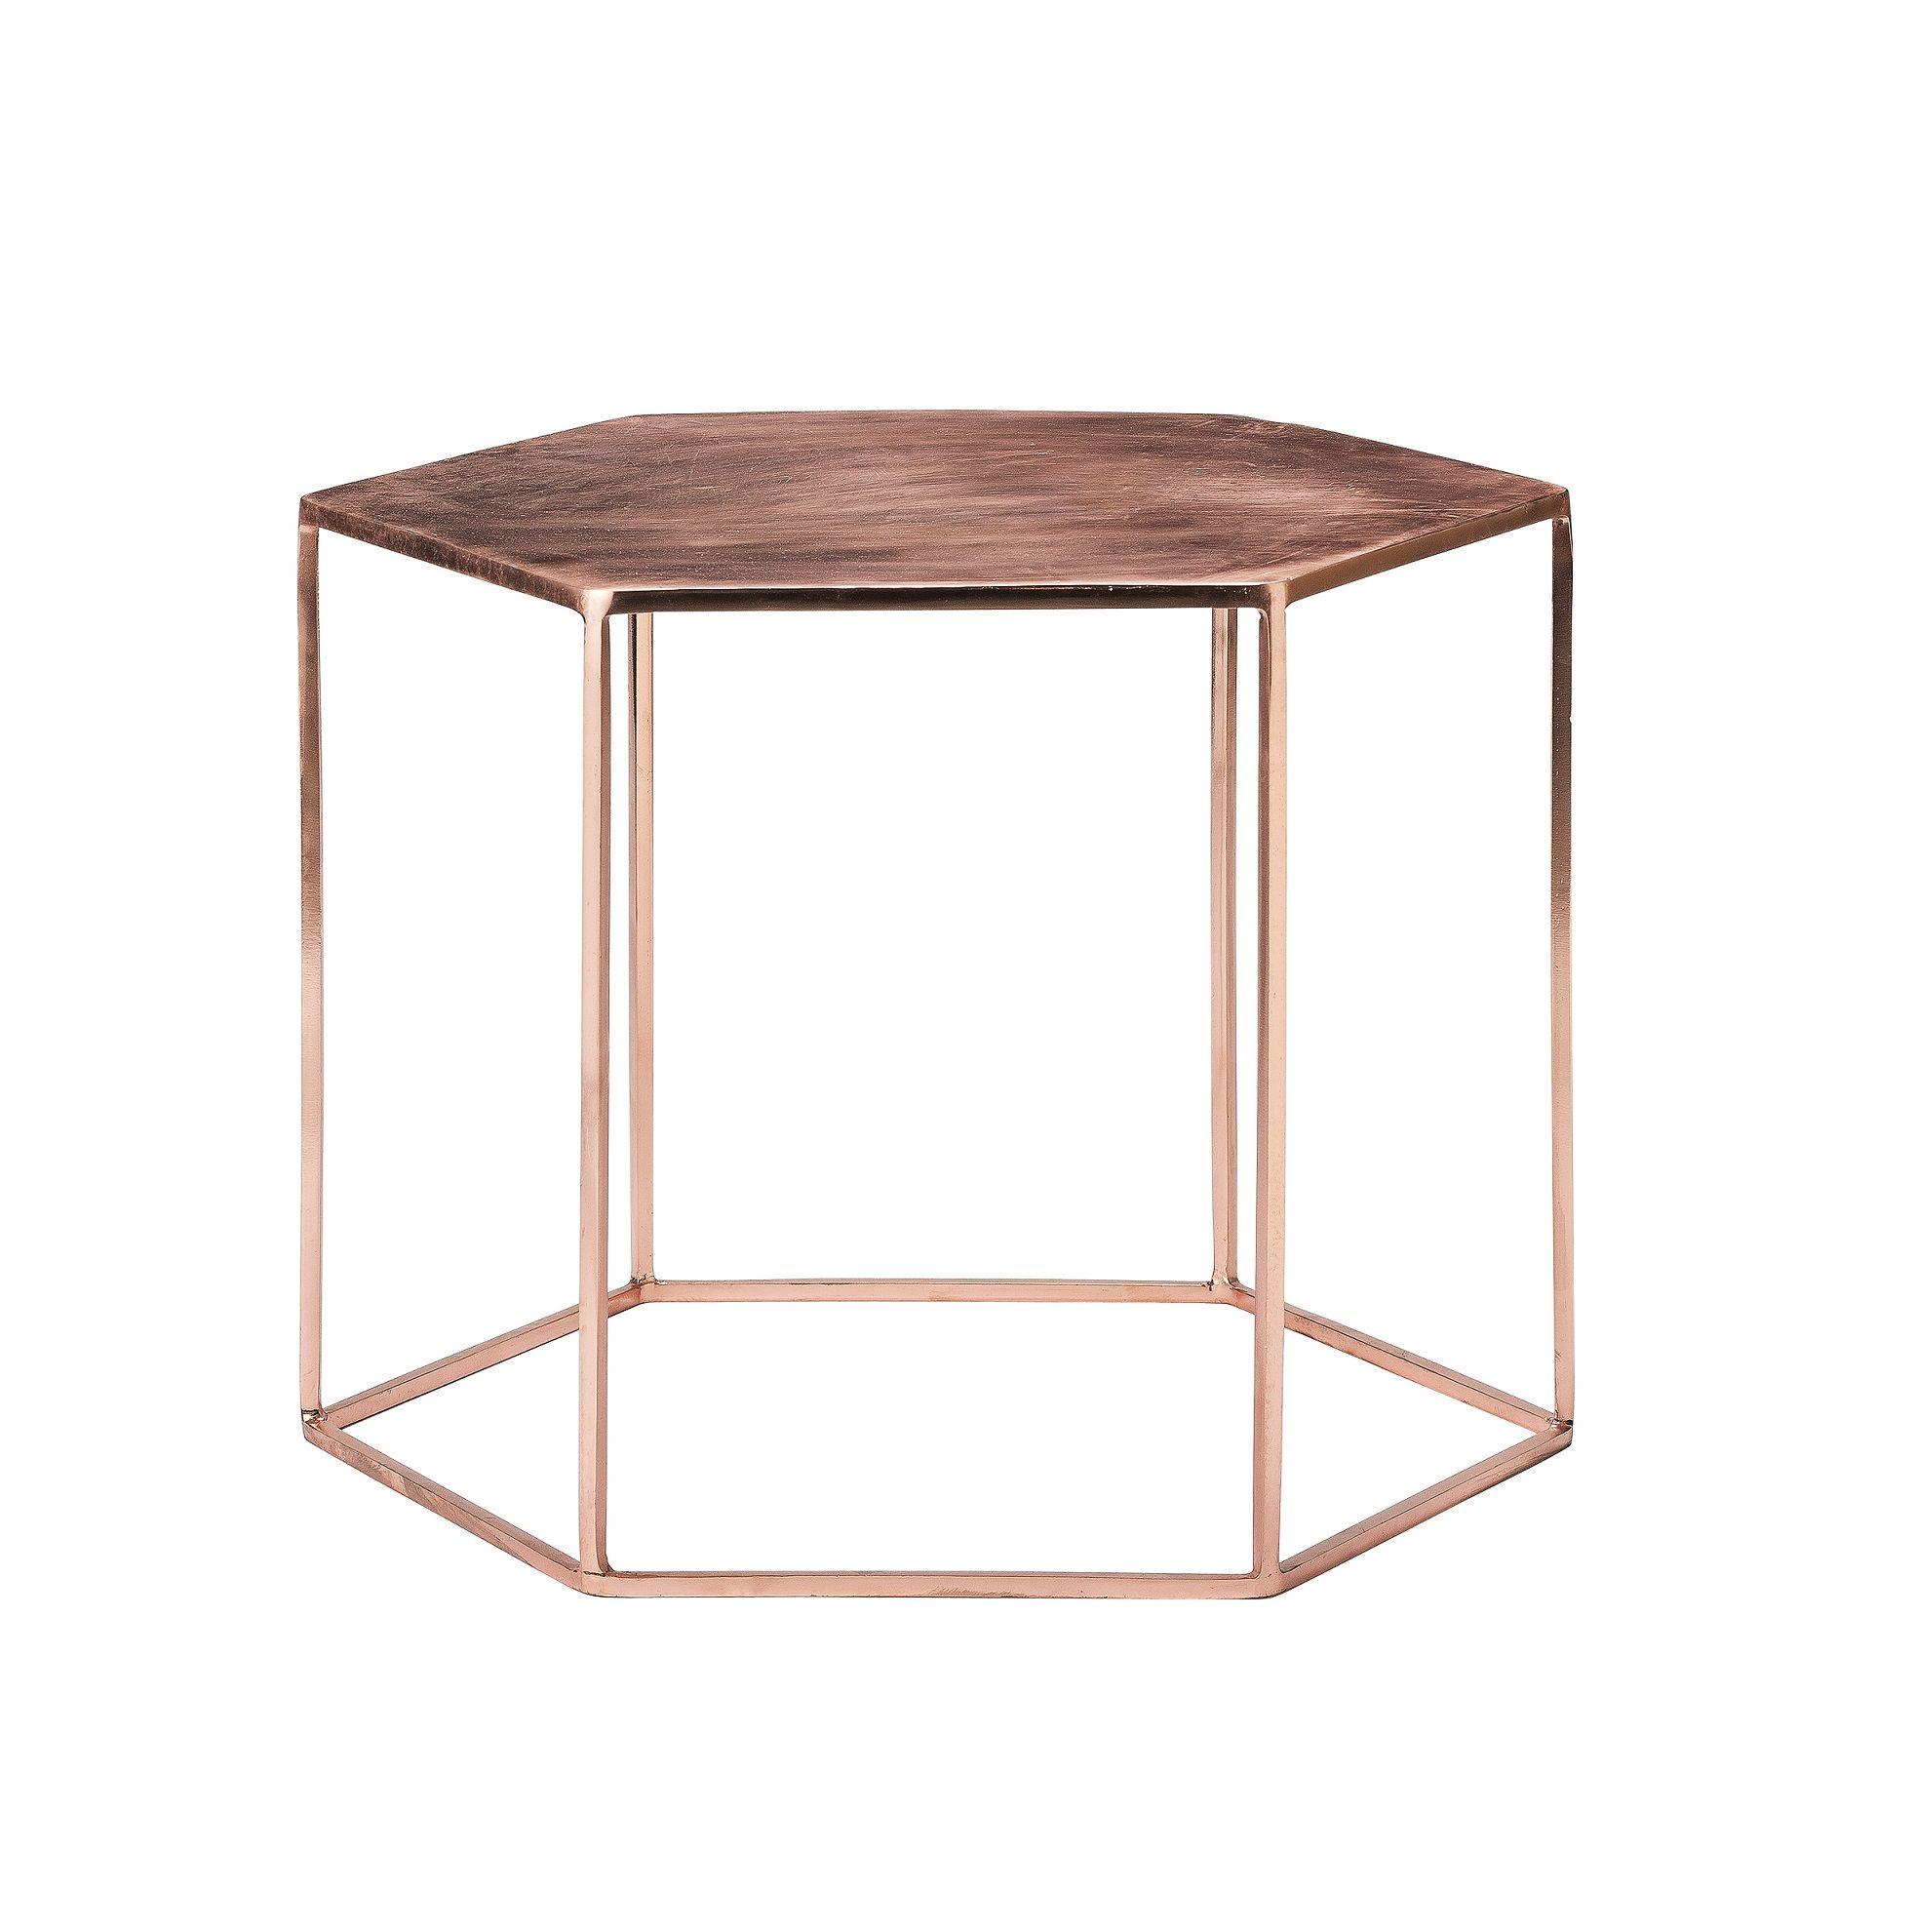 Beistelltisch Couchtisch Metall Kupfer Copper Side Table Coffee